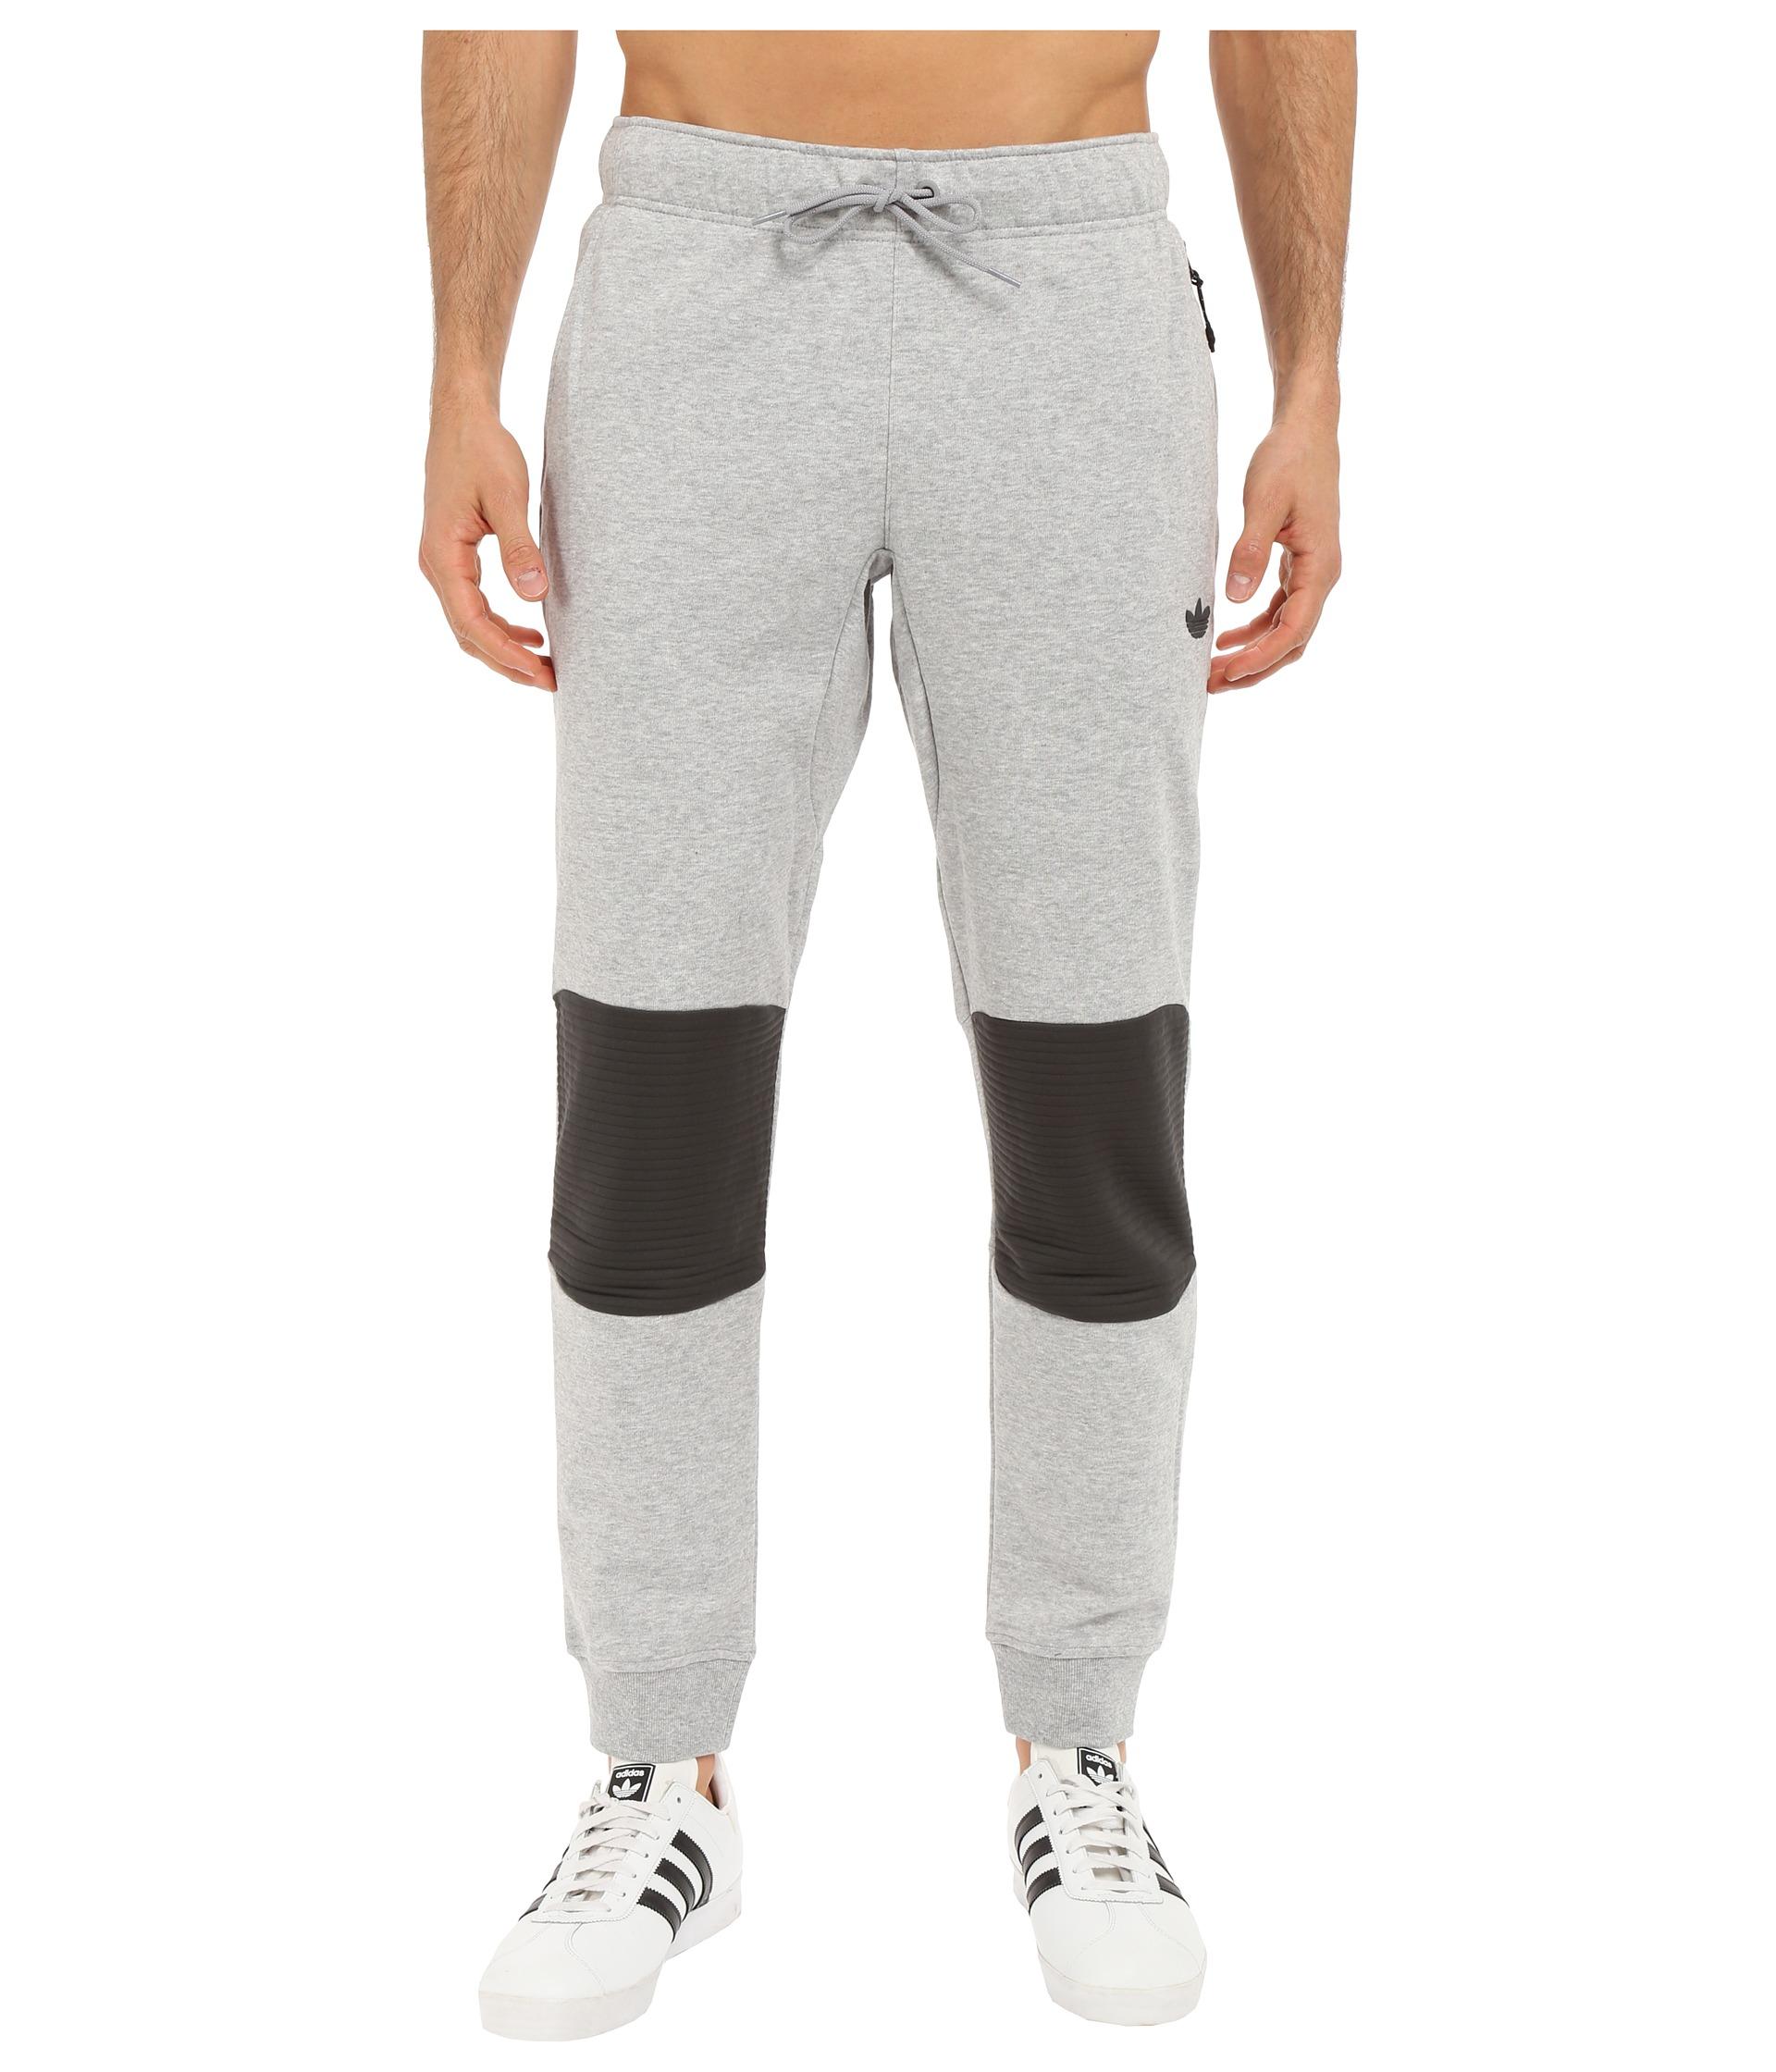 adidas slim fit track pants